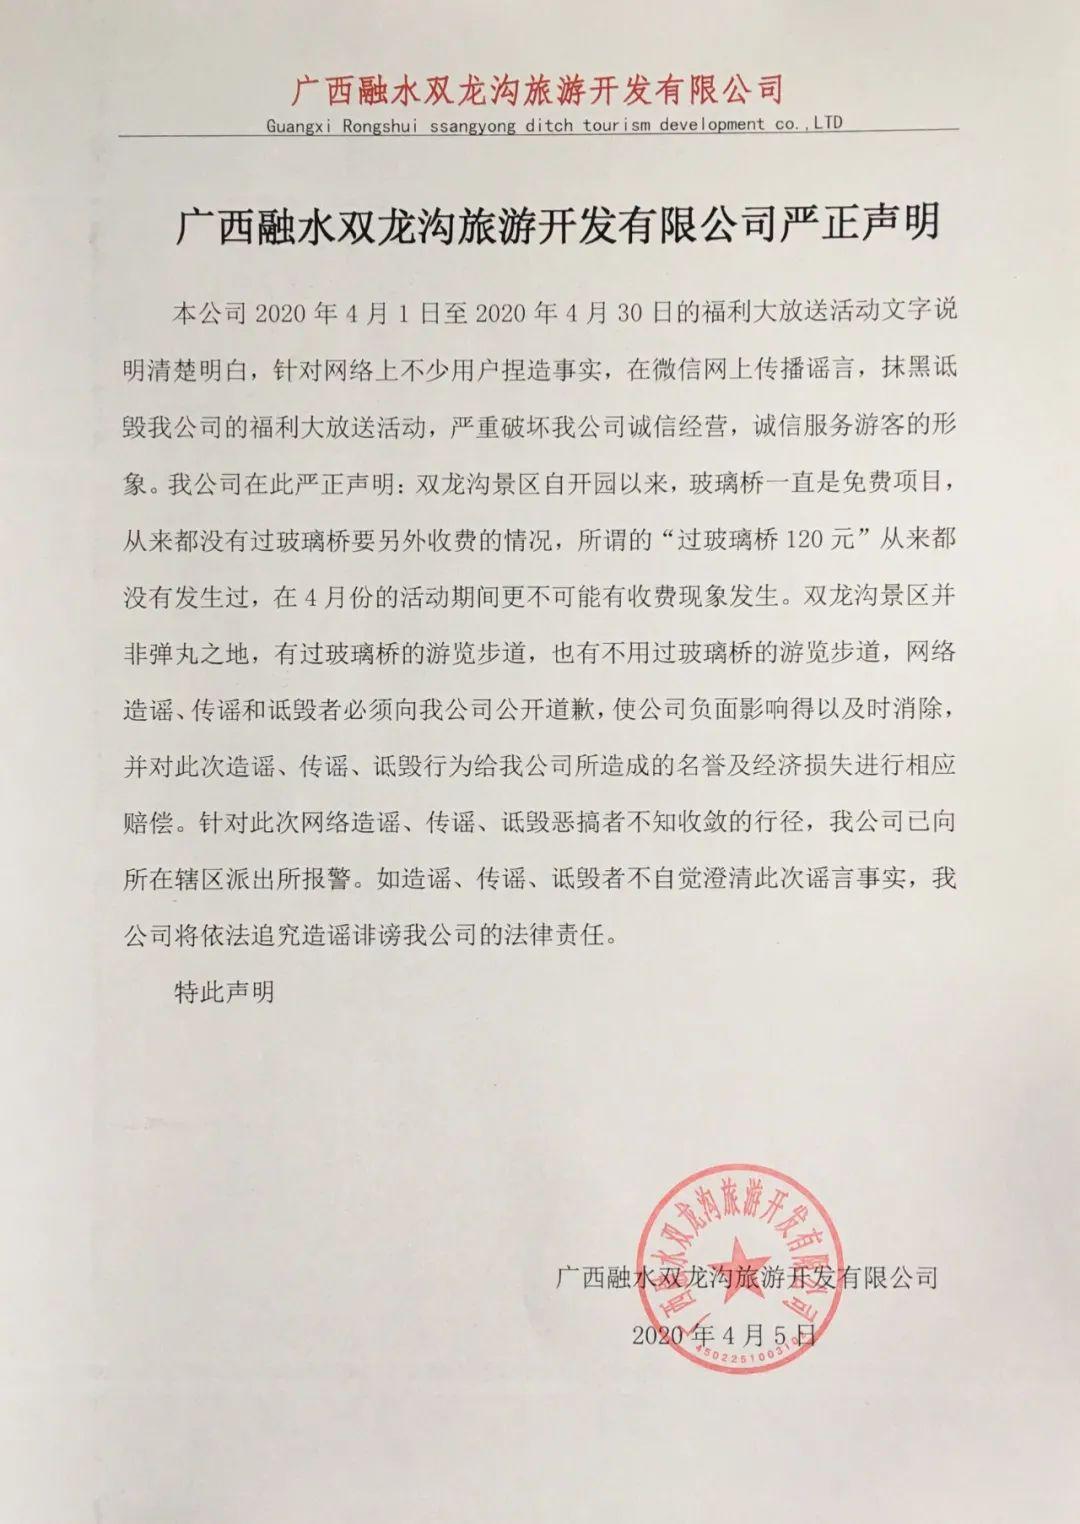 广西双龙沟景区:免票真实有效,另收过桥费系谣言